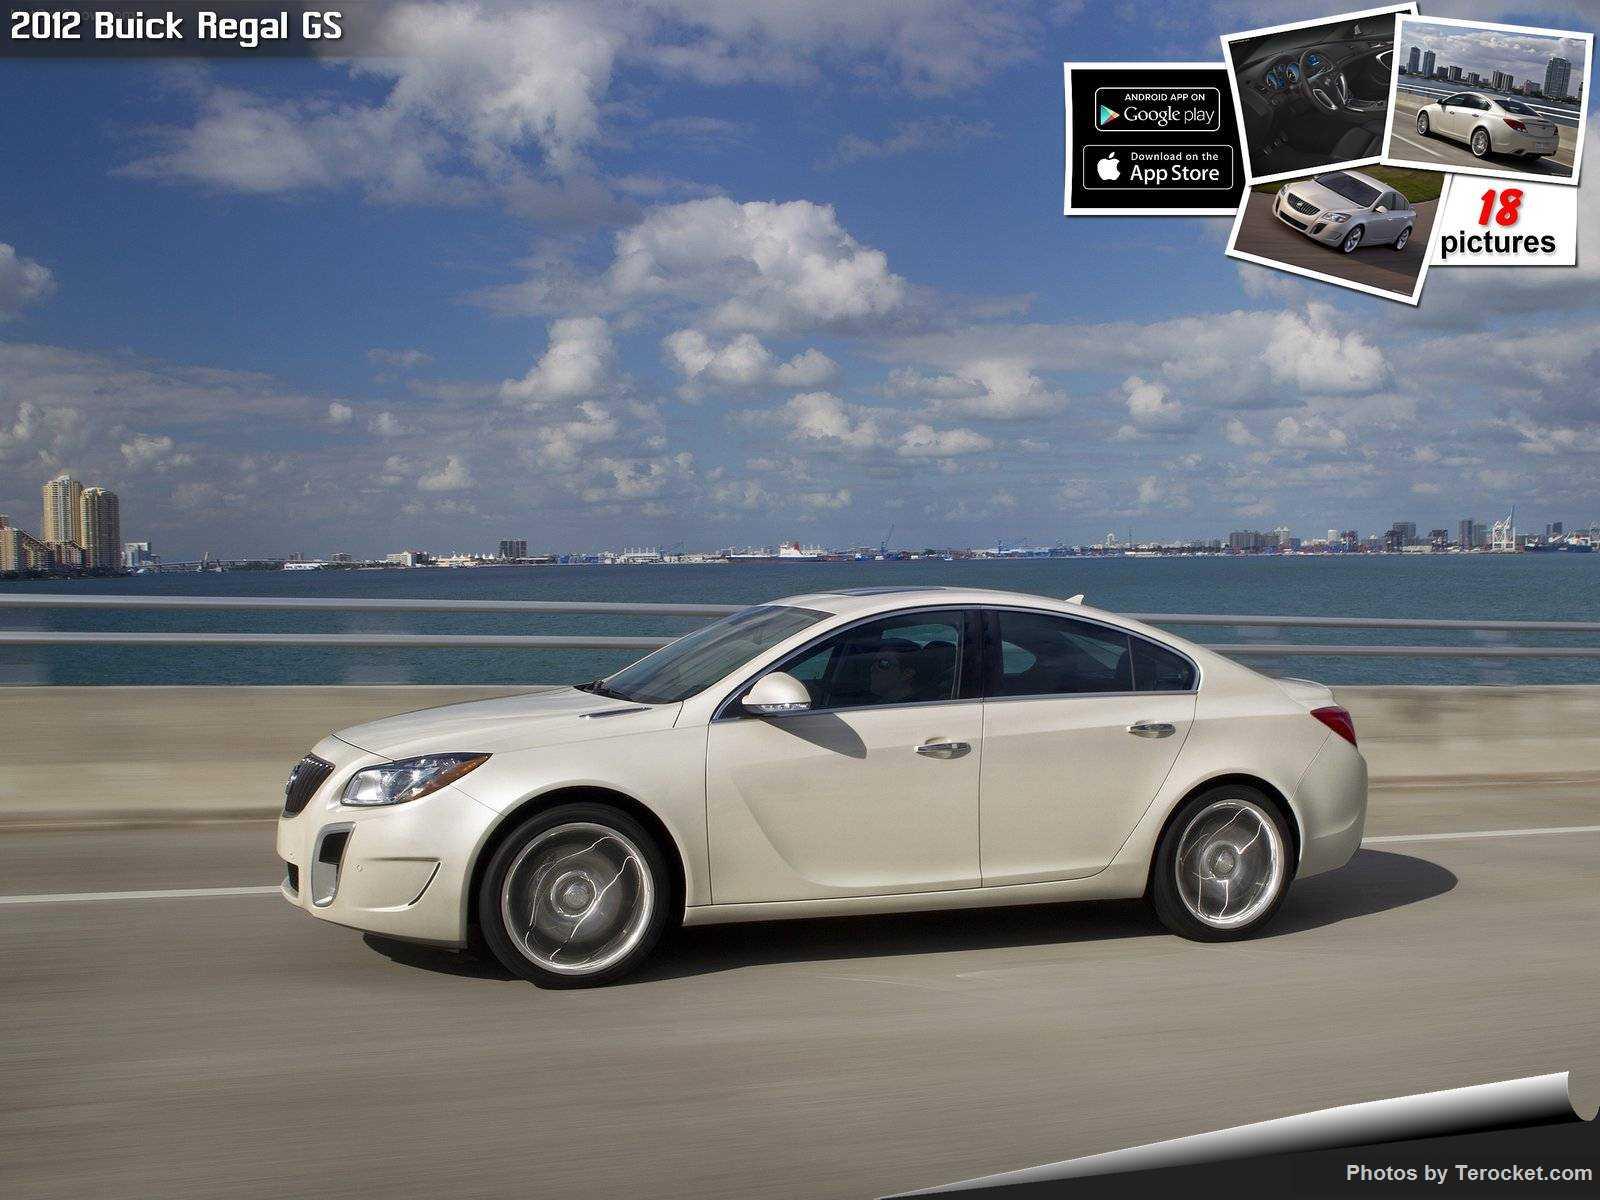 Hình ảnh xe ô tô Buick Regal GS 2012 & nội ngoại thất